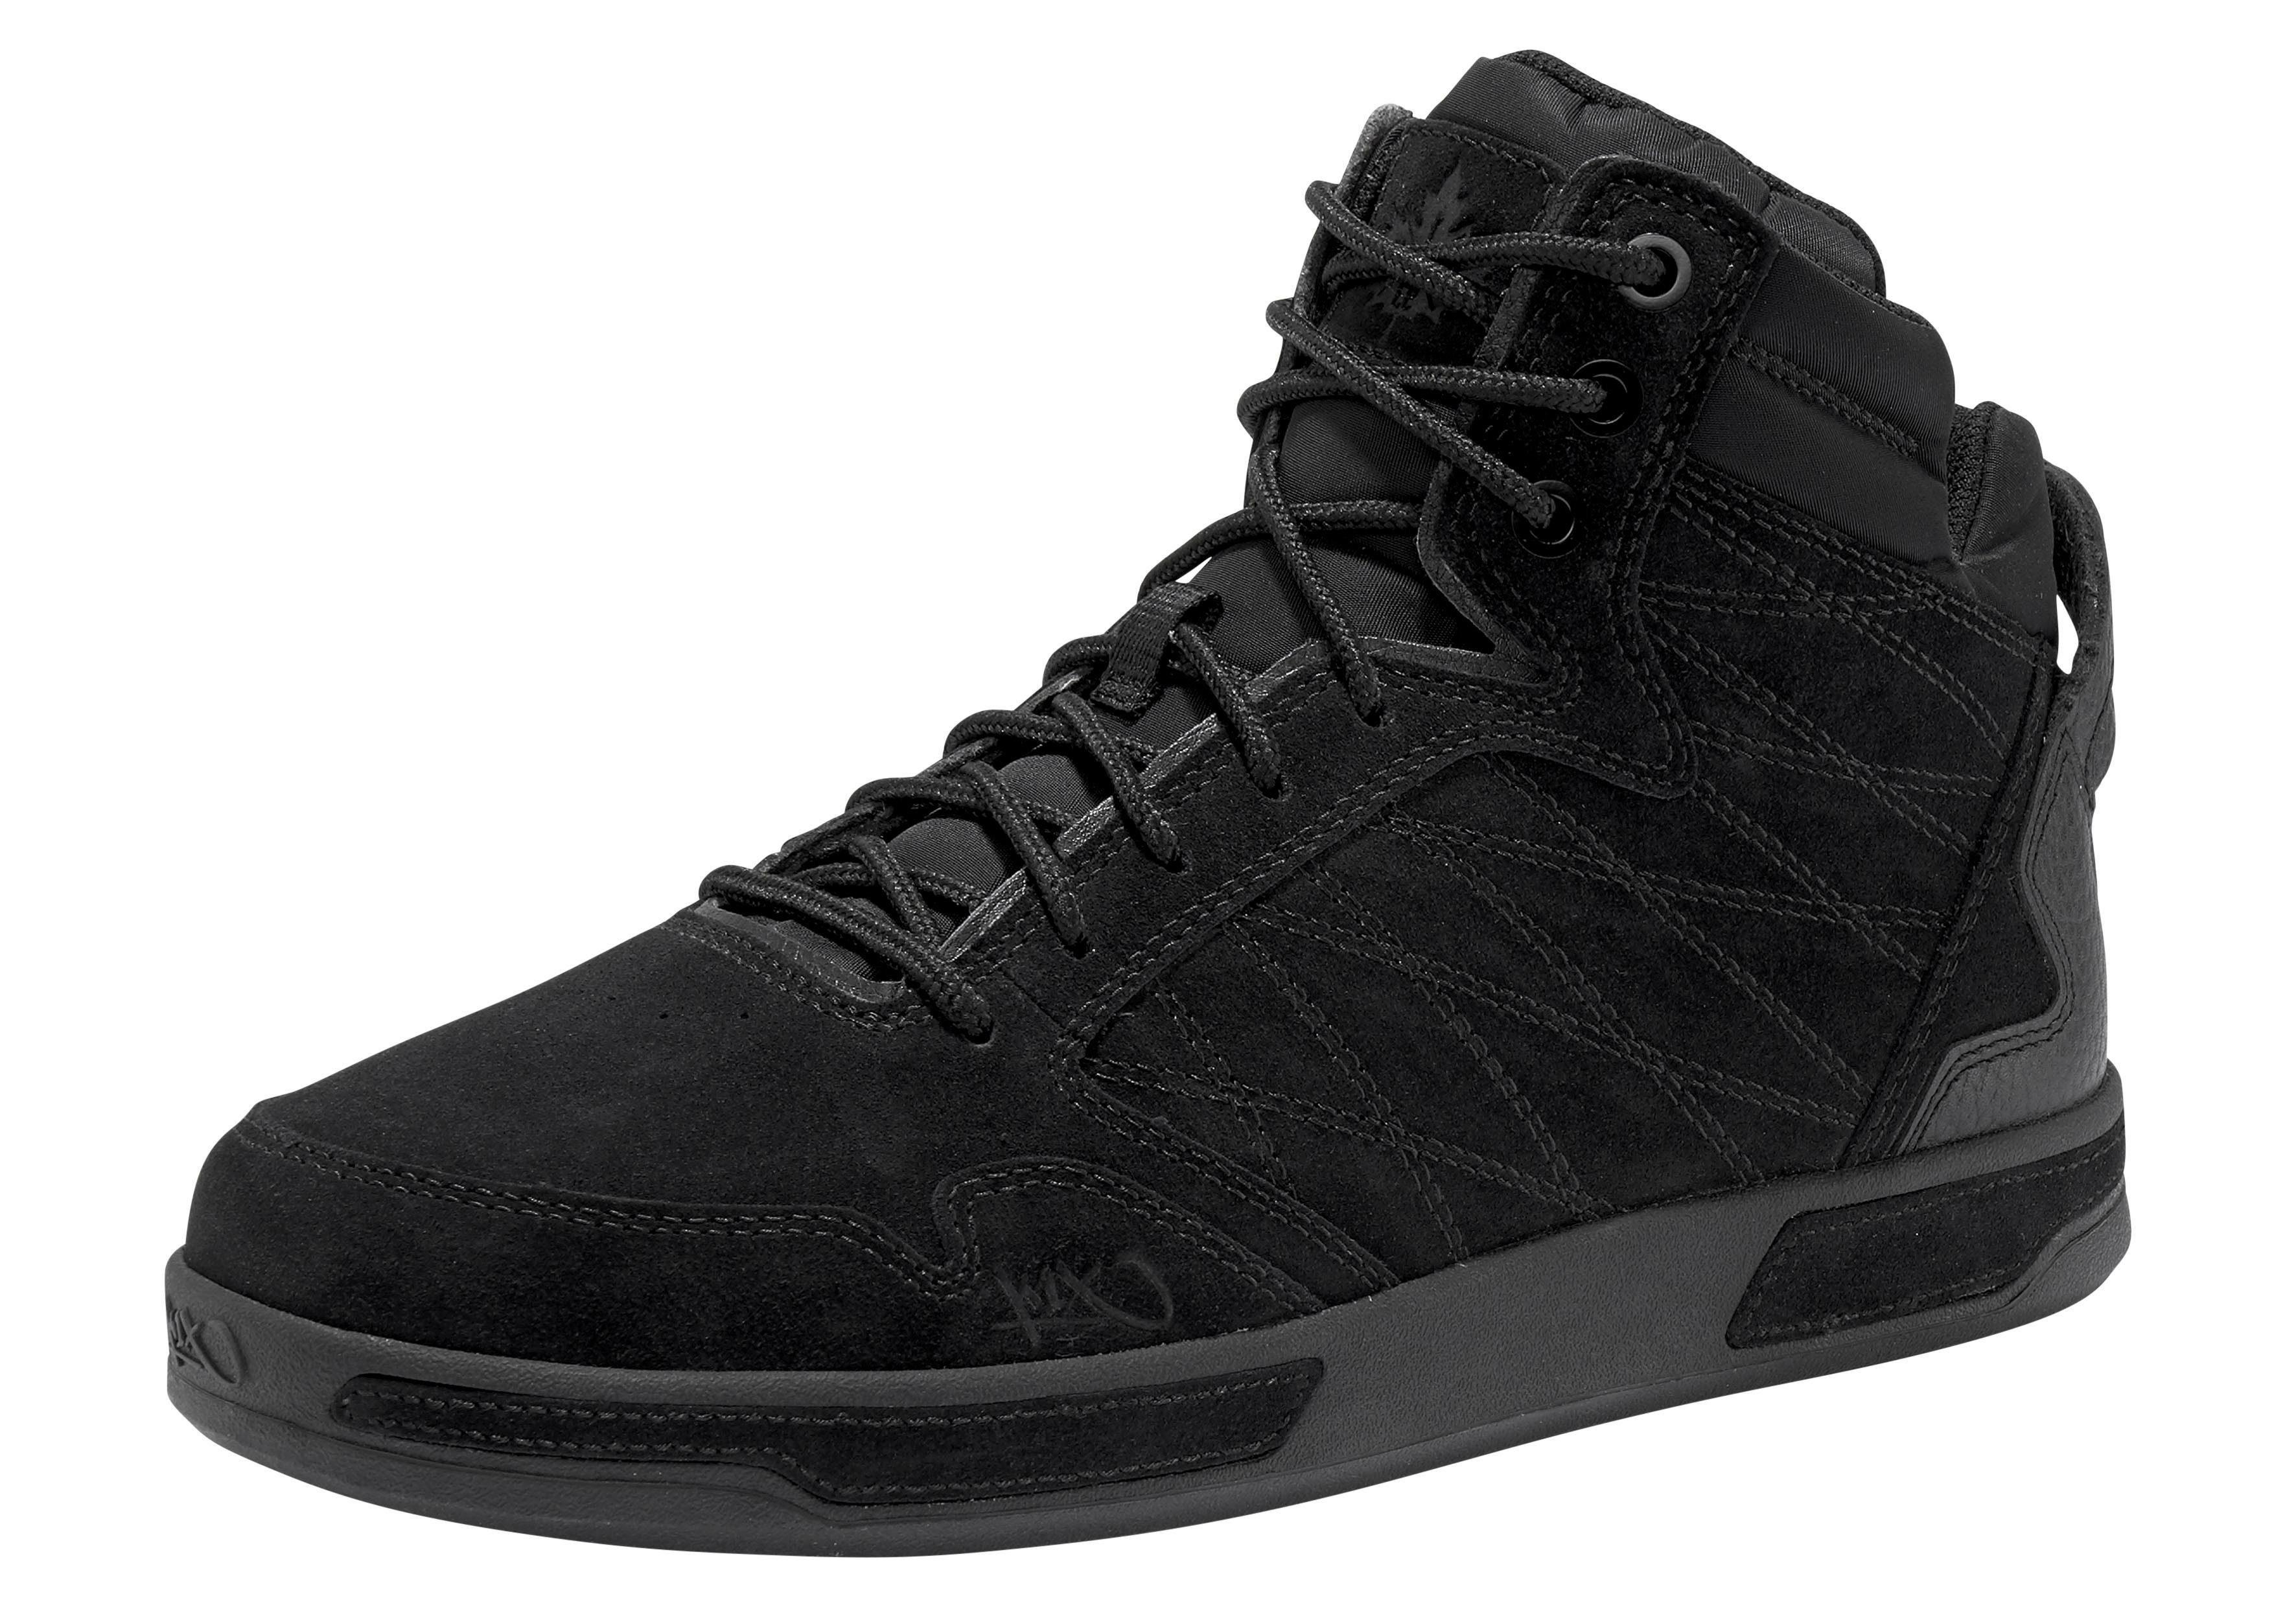 PARK AUTHORITY by K1X »H1top« Sneaker, Winterlicher Sneakerboot von K1X online kaufen | OTTO